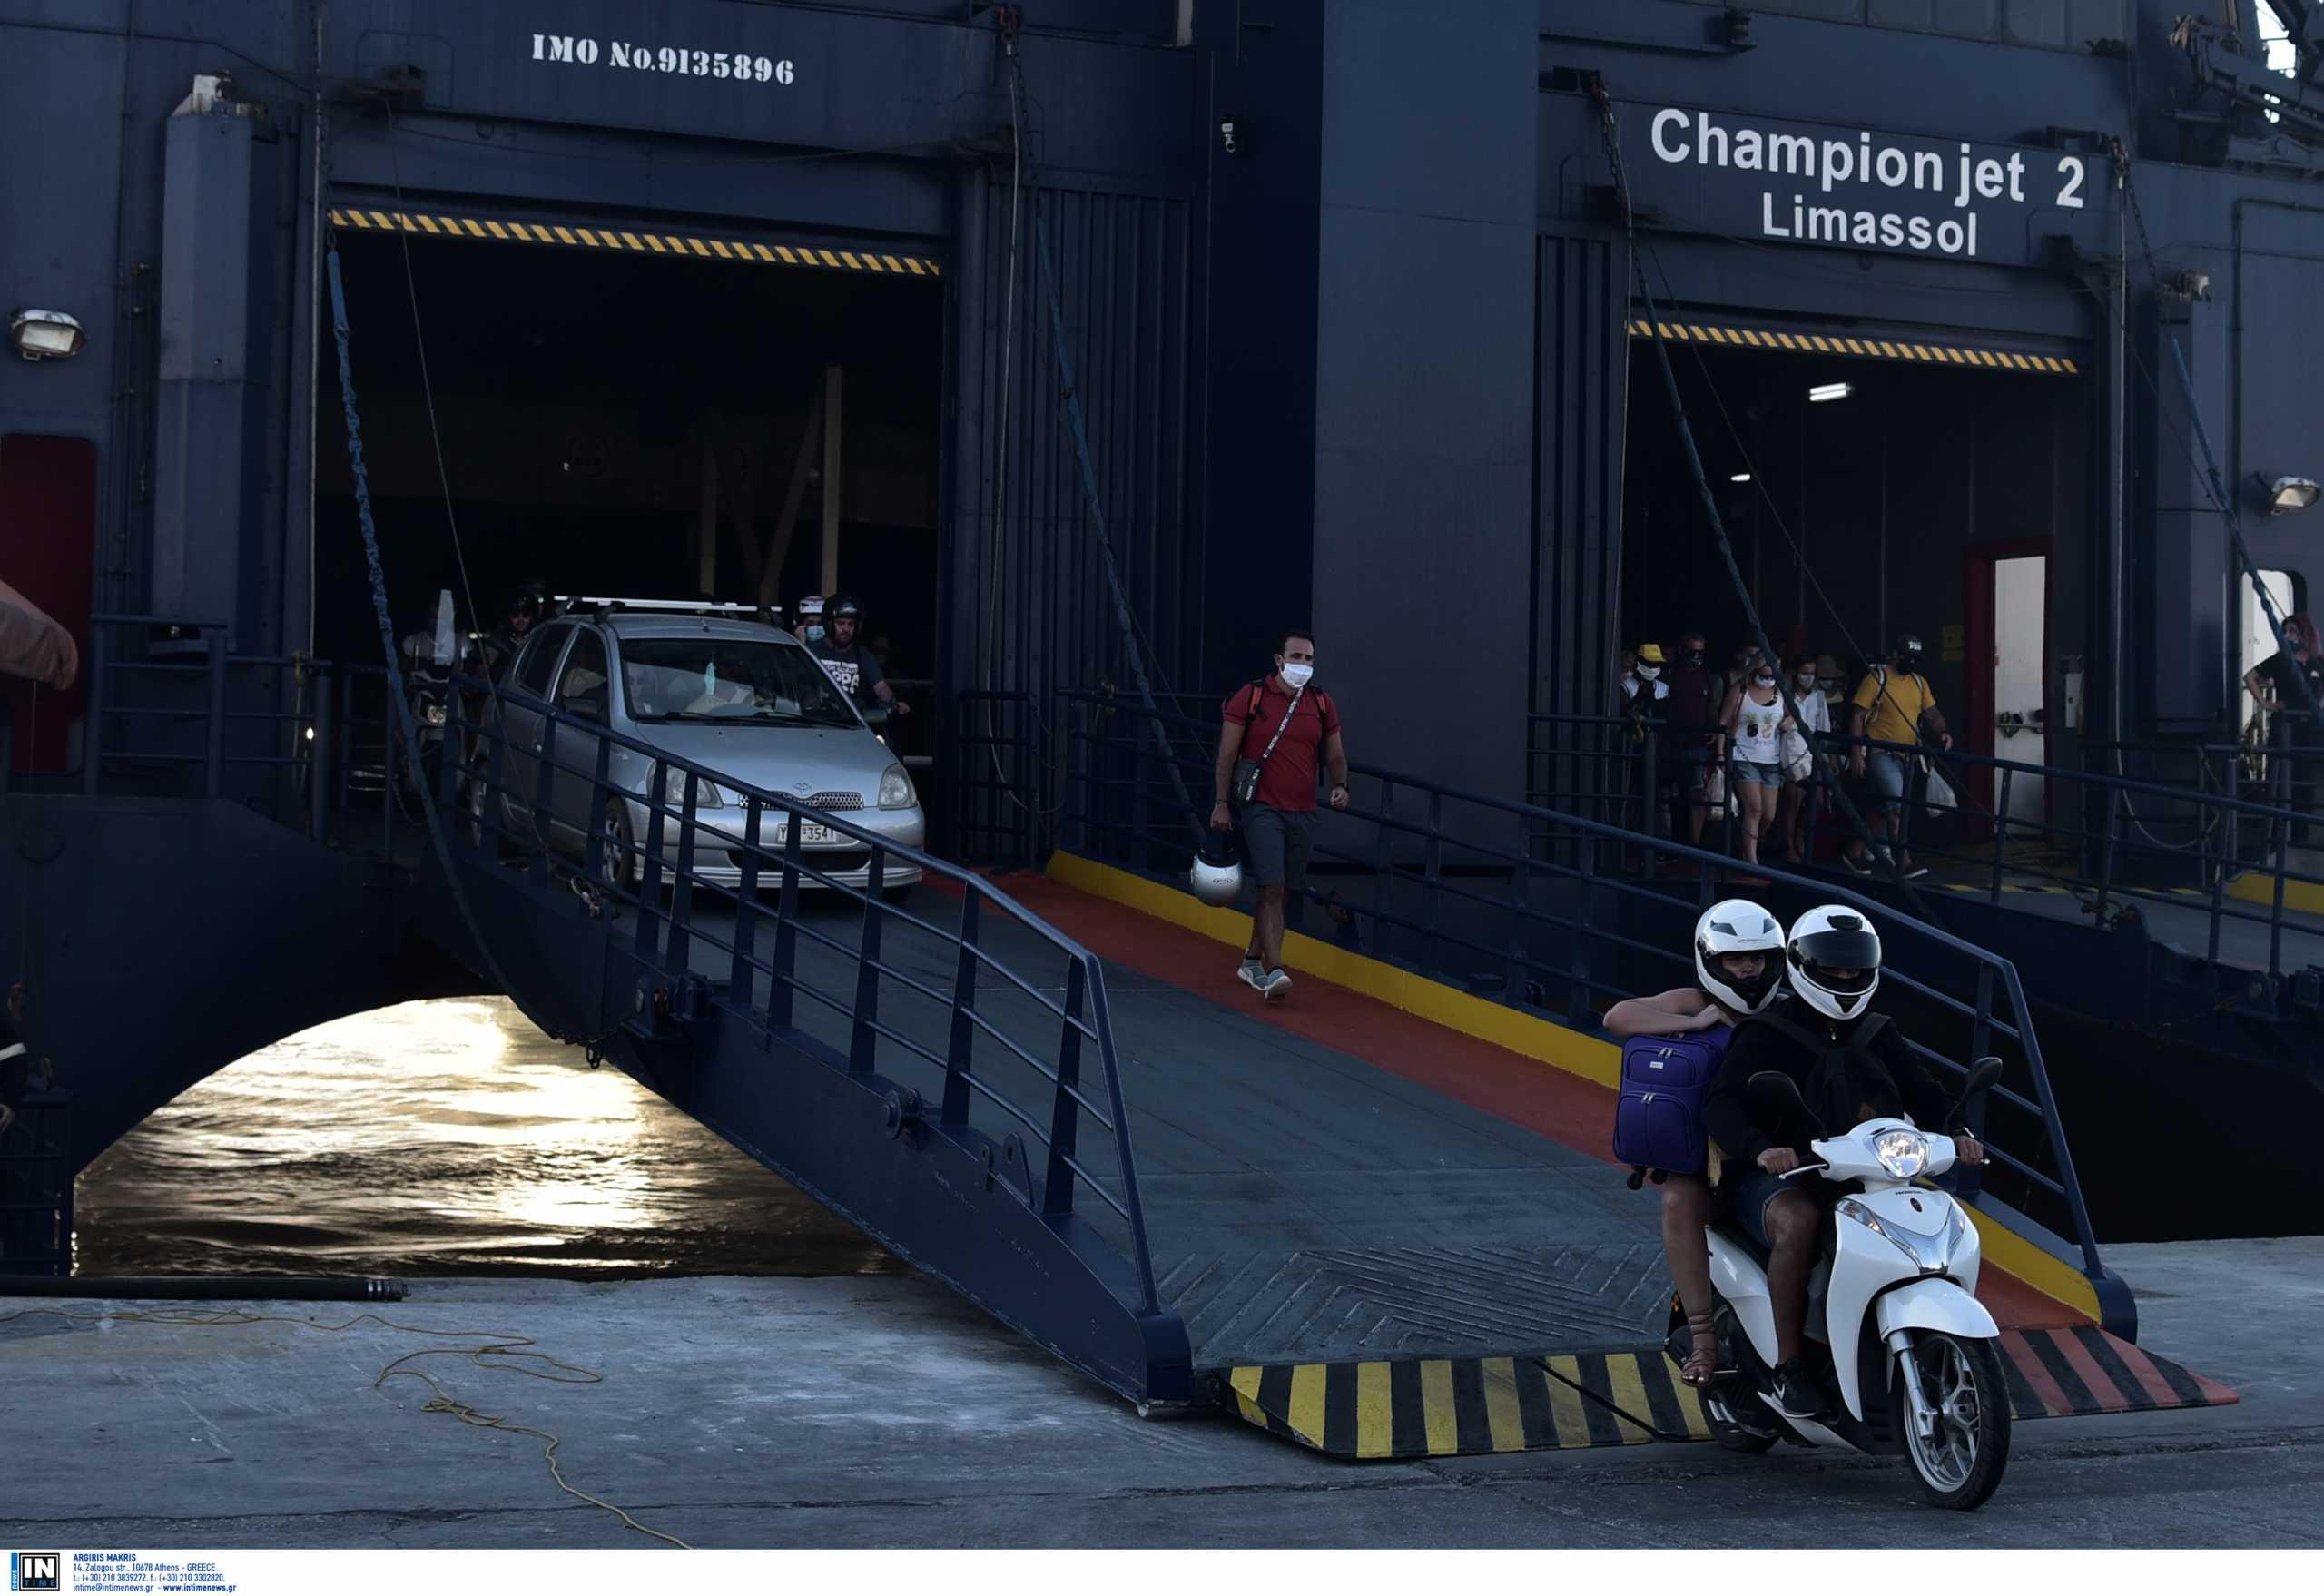 Κορονοϊός: «Η επιτροπή θέλει self test πριν το ταξίδι με πλοίο»